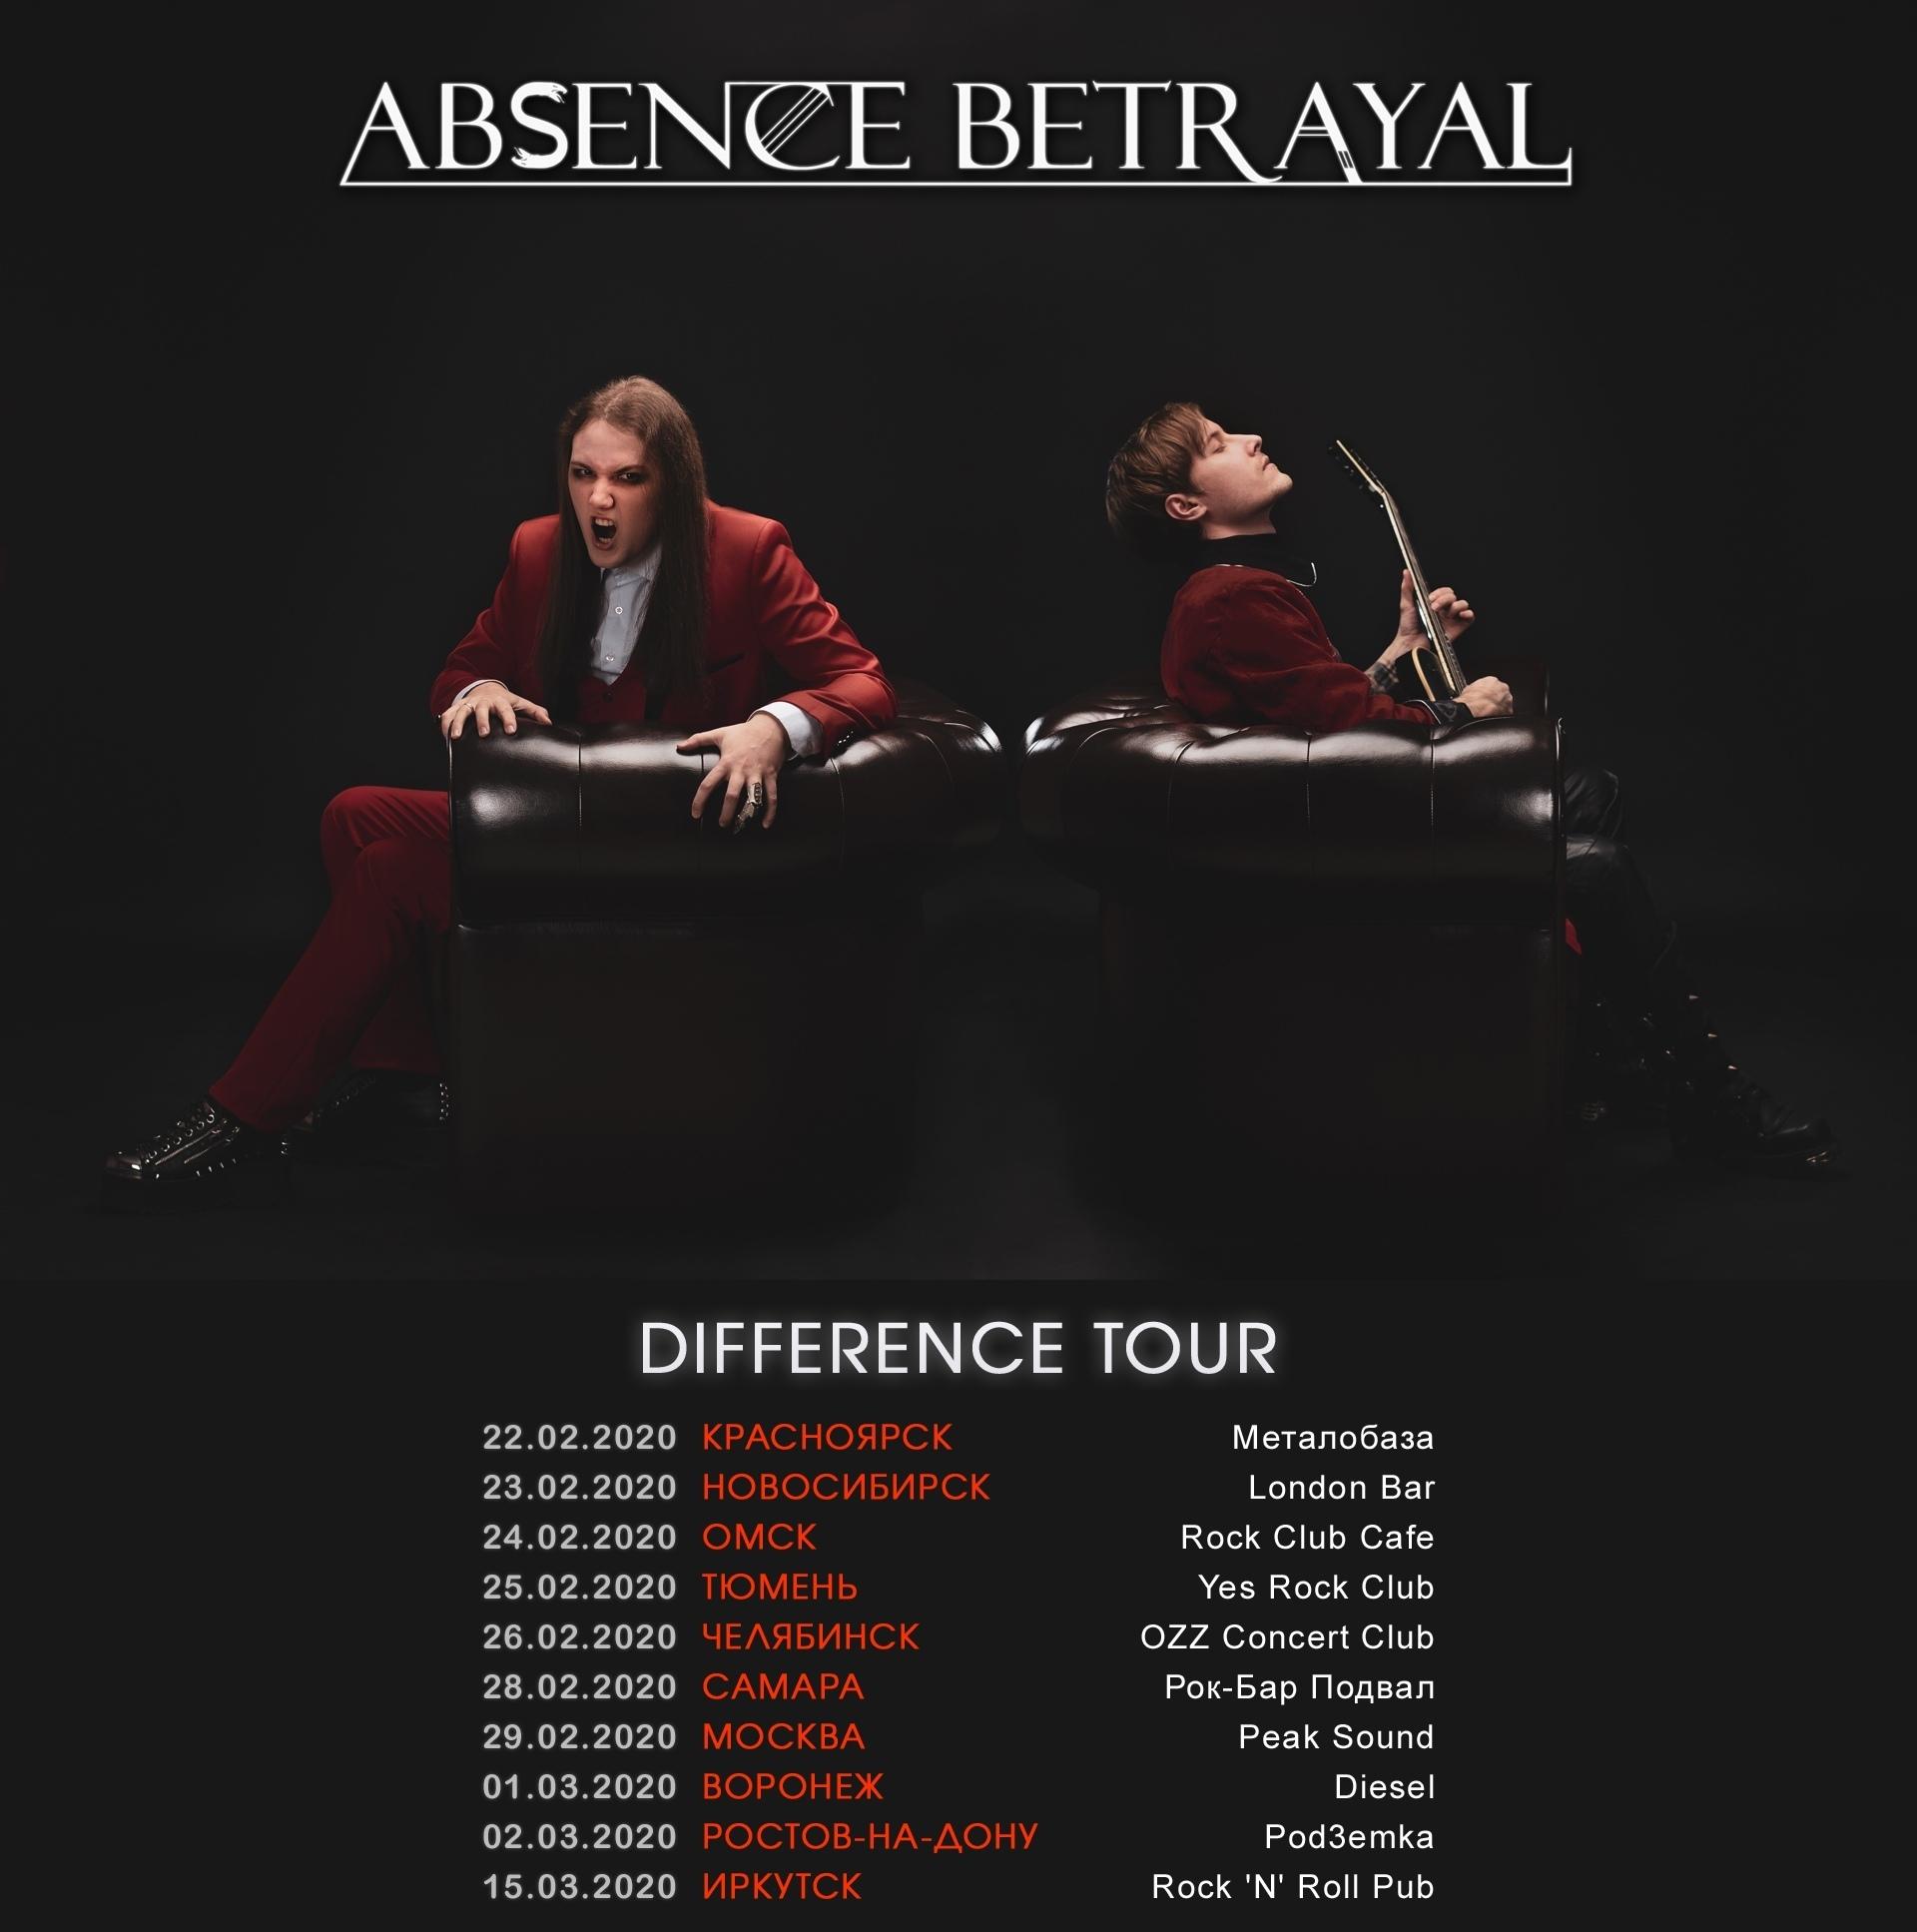 Симфо-метал тур Absence Betrayal